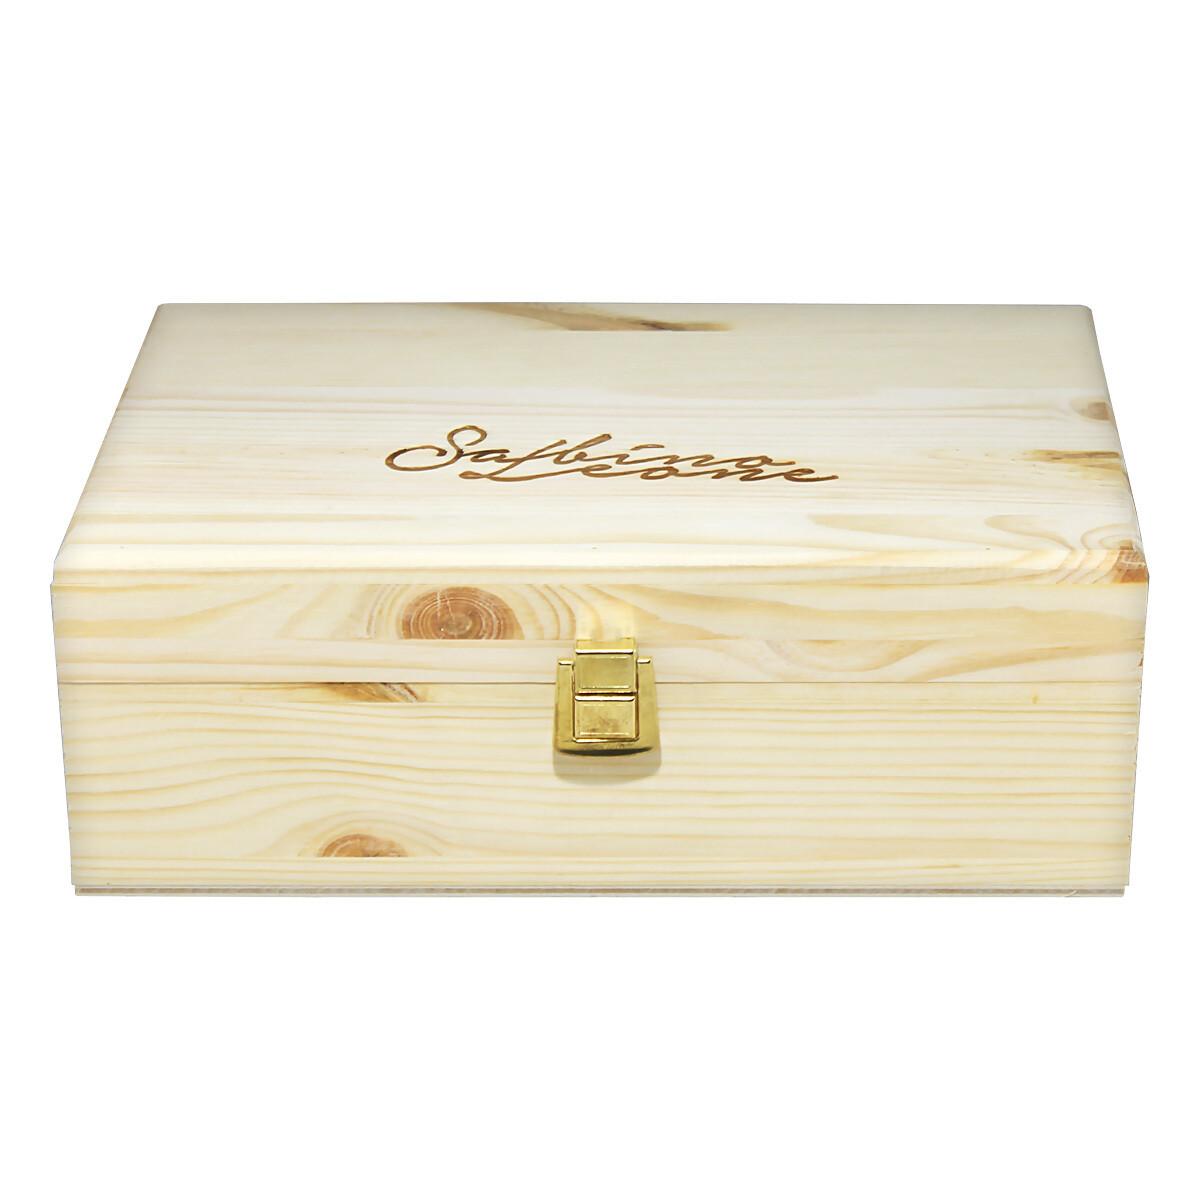 Puu lahjapaketti | Wood Gift Box | SABINO LEONE